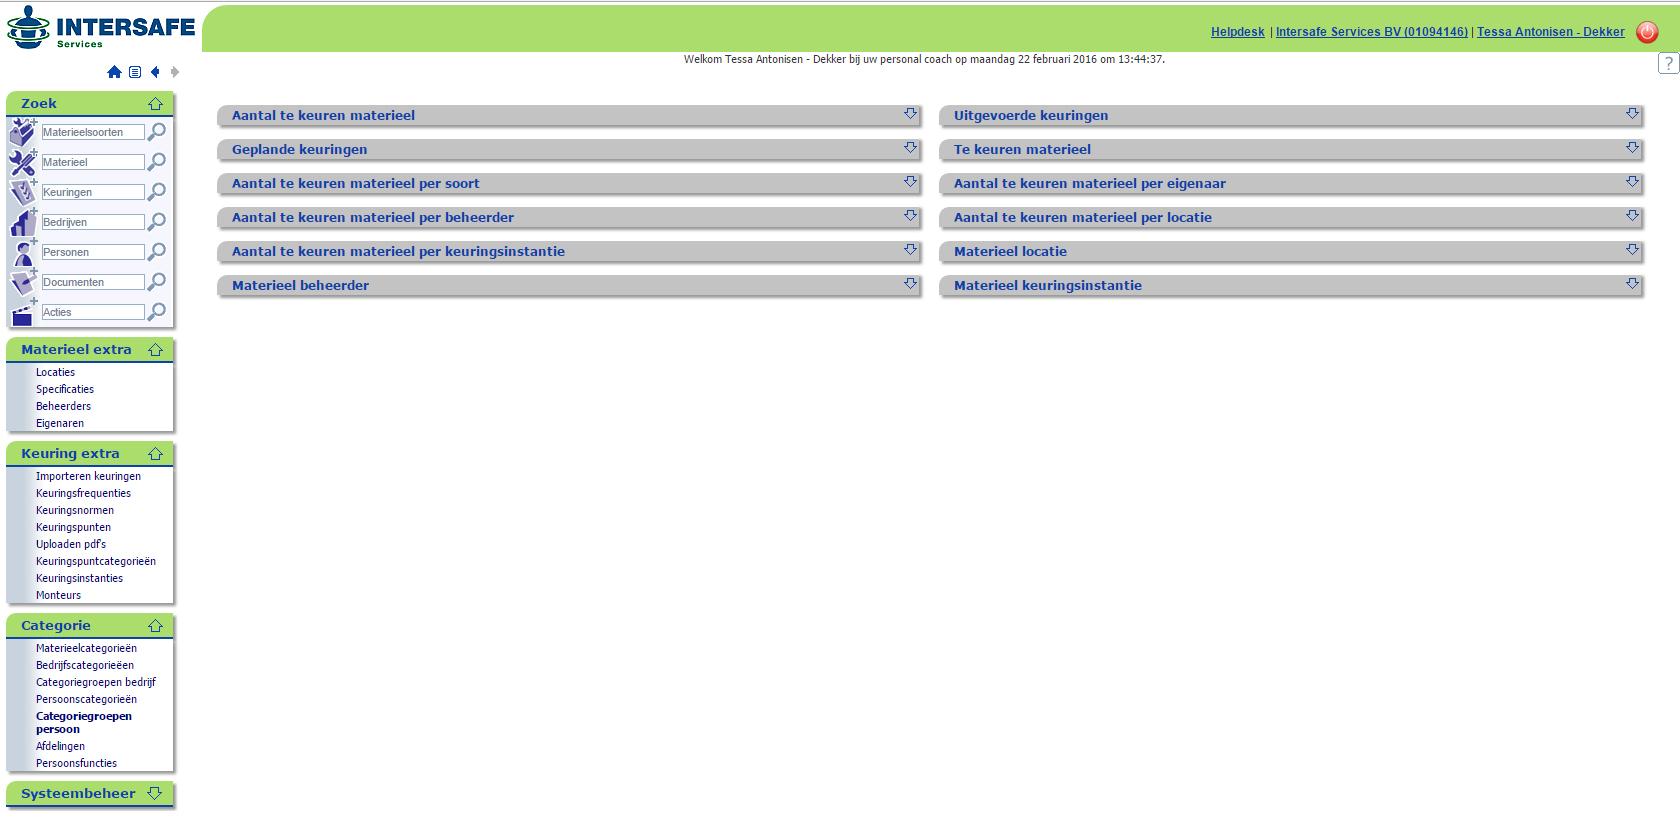 Matman: Online inzicht in onderhoud